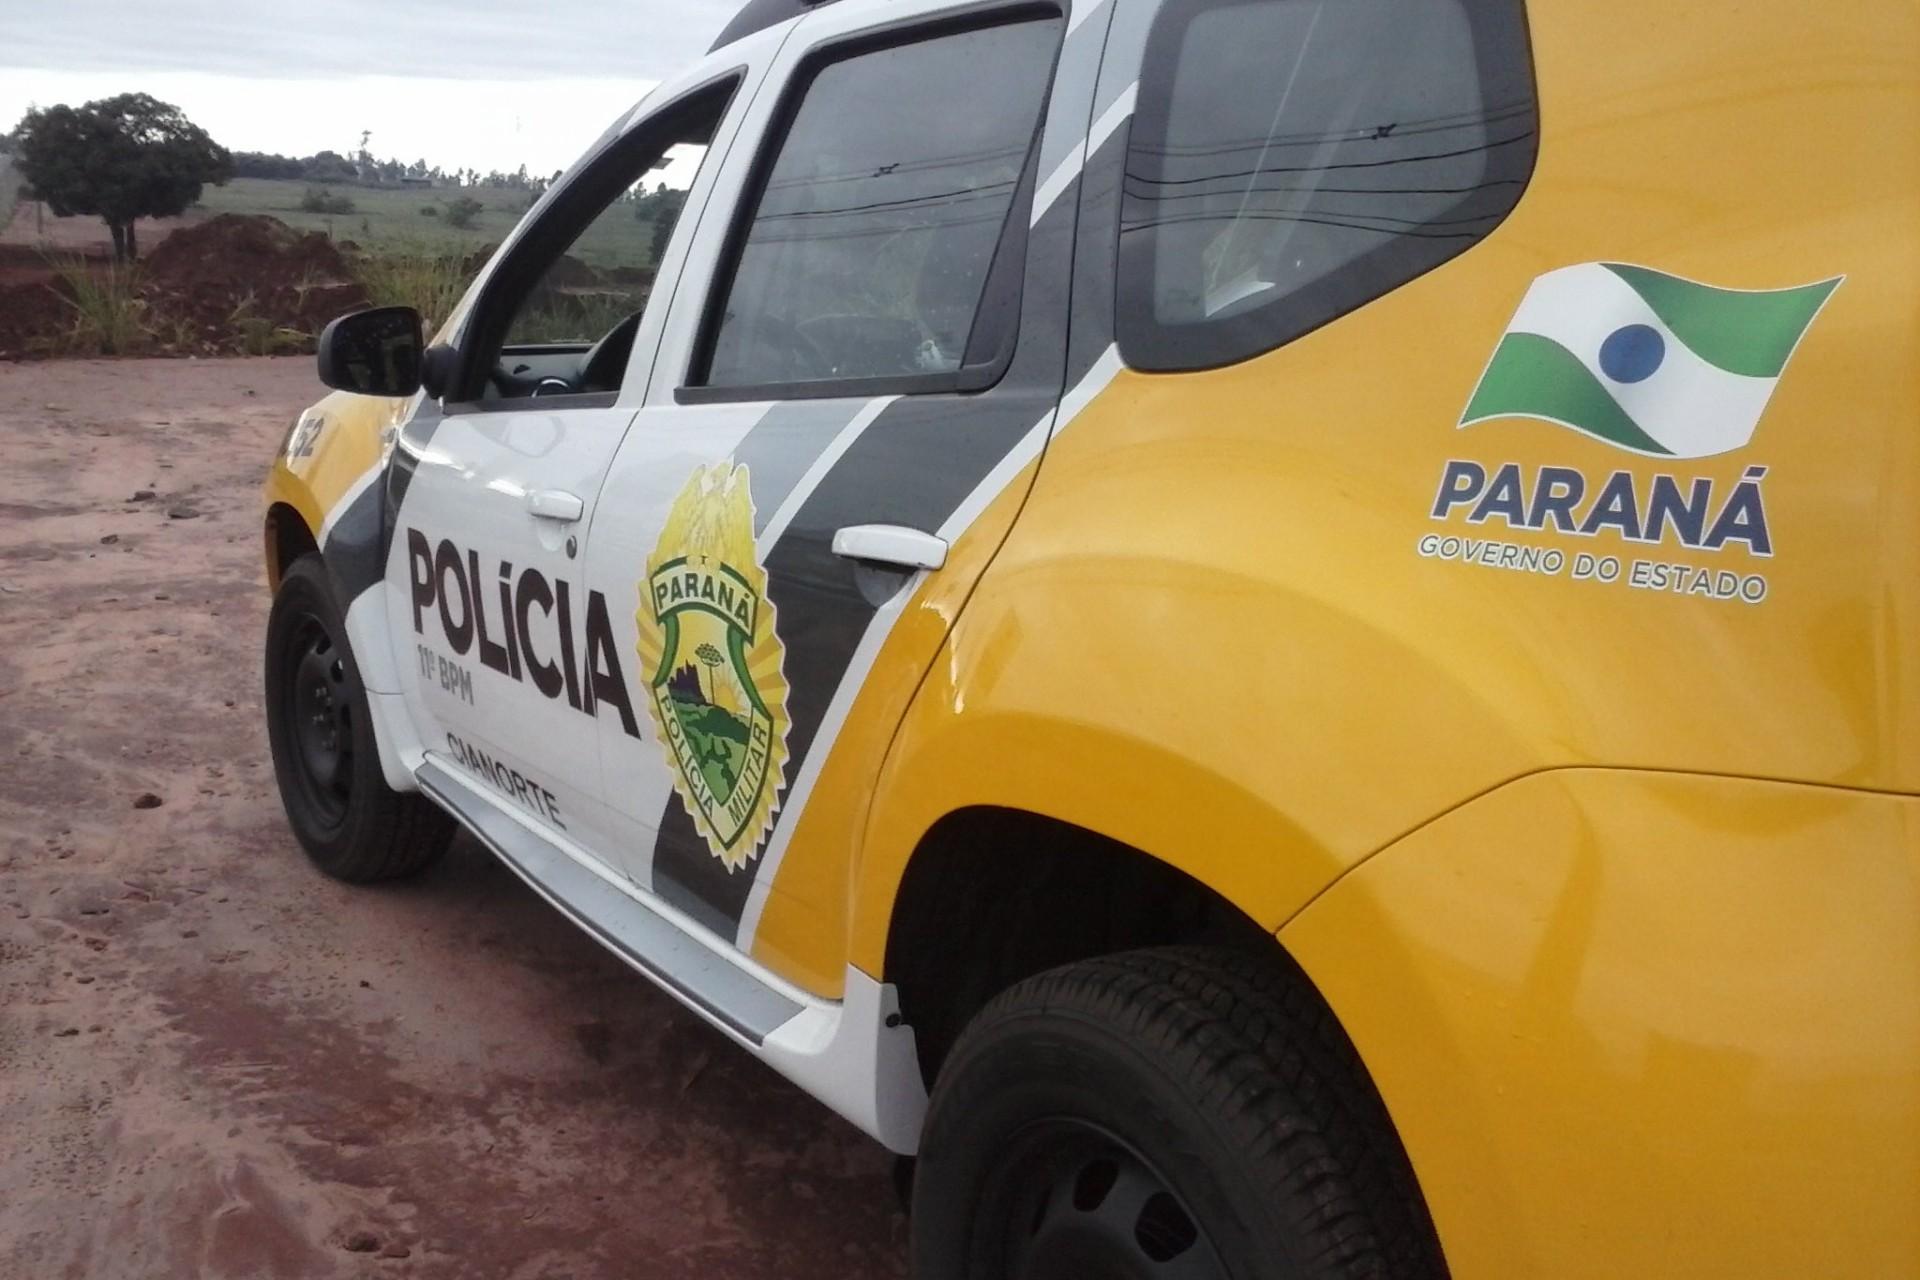 Polícia Militar prende em flagrante homem acusado de tentativa de estupro em Medianeira